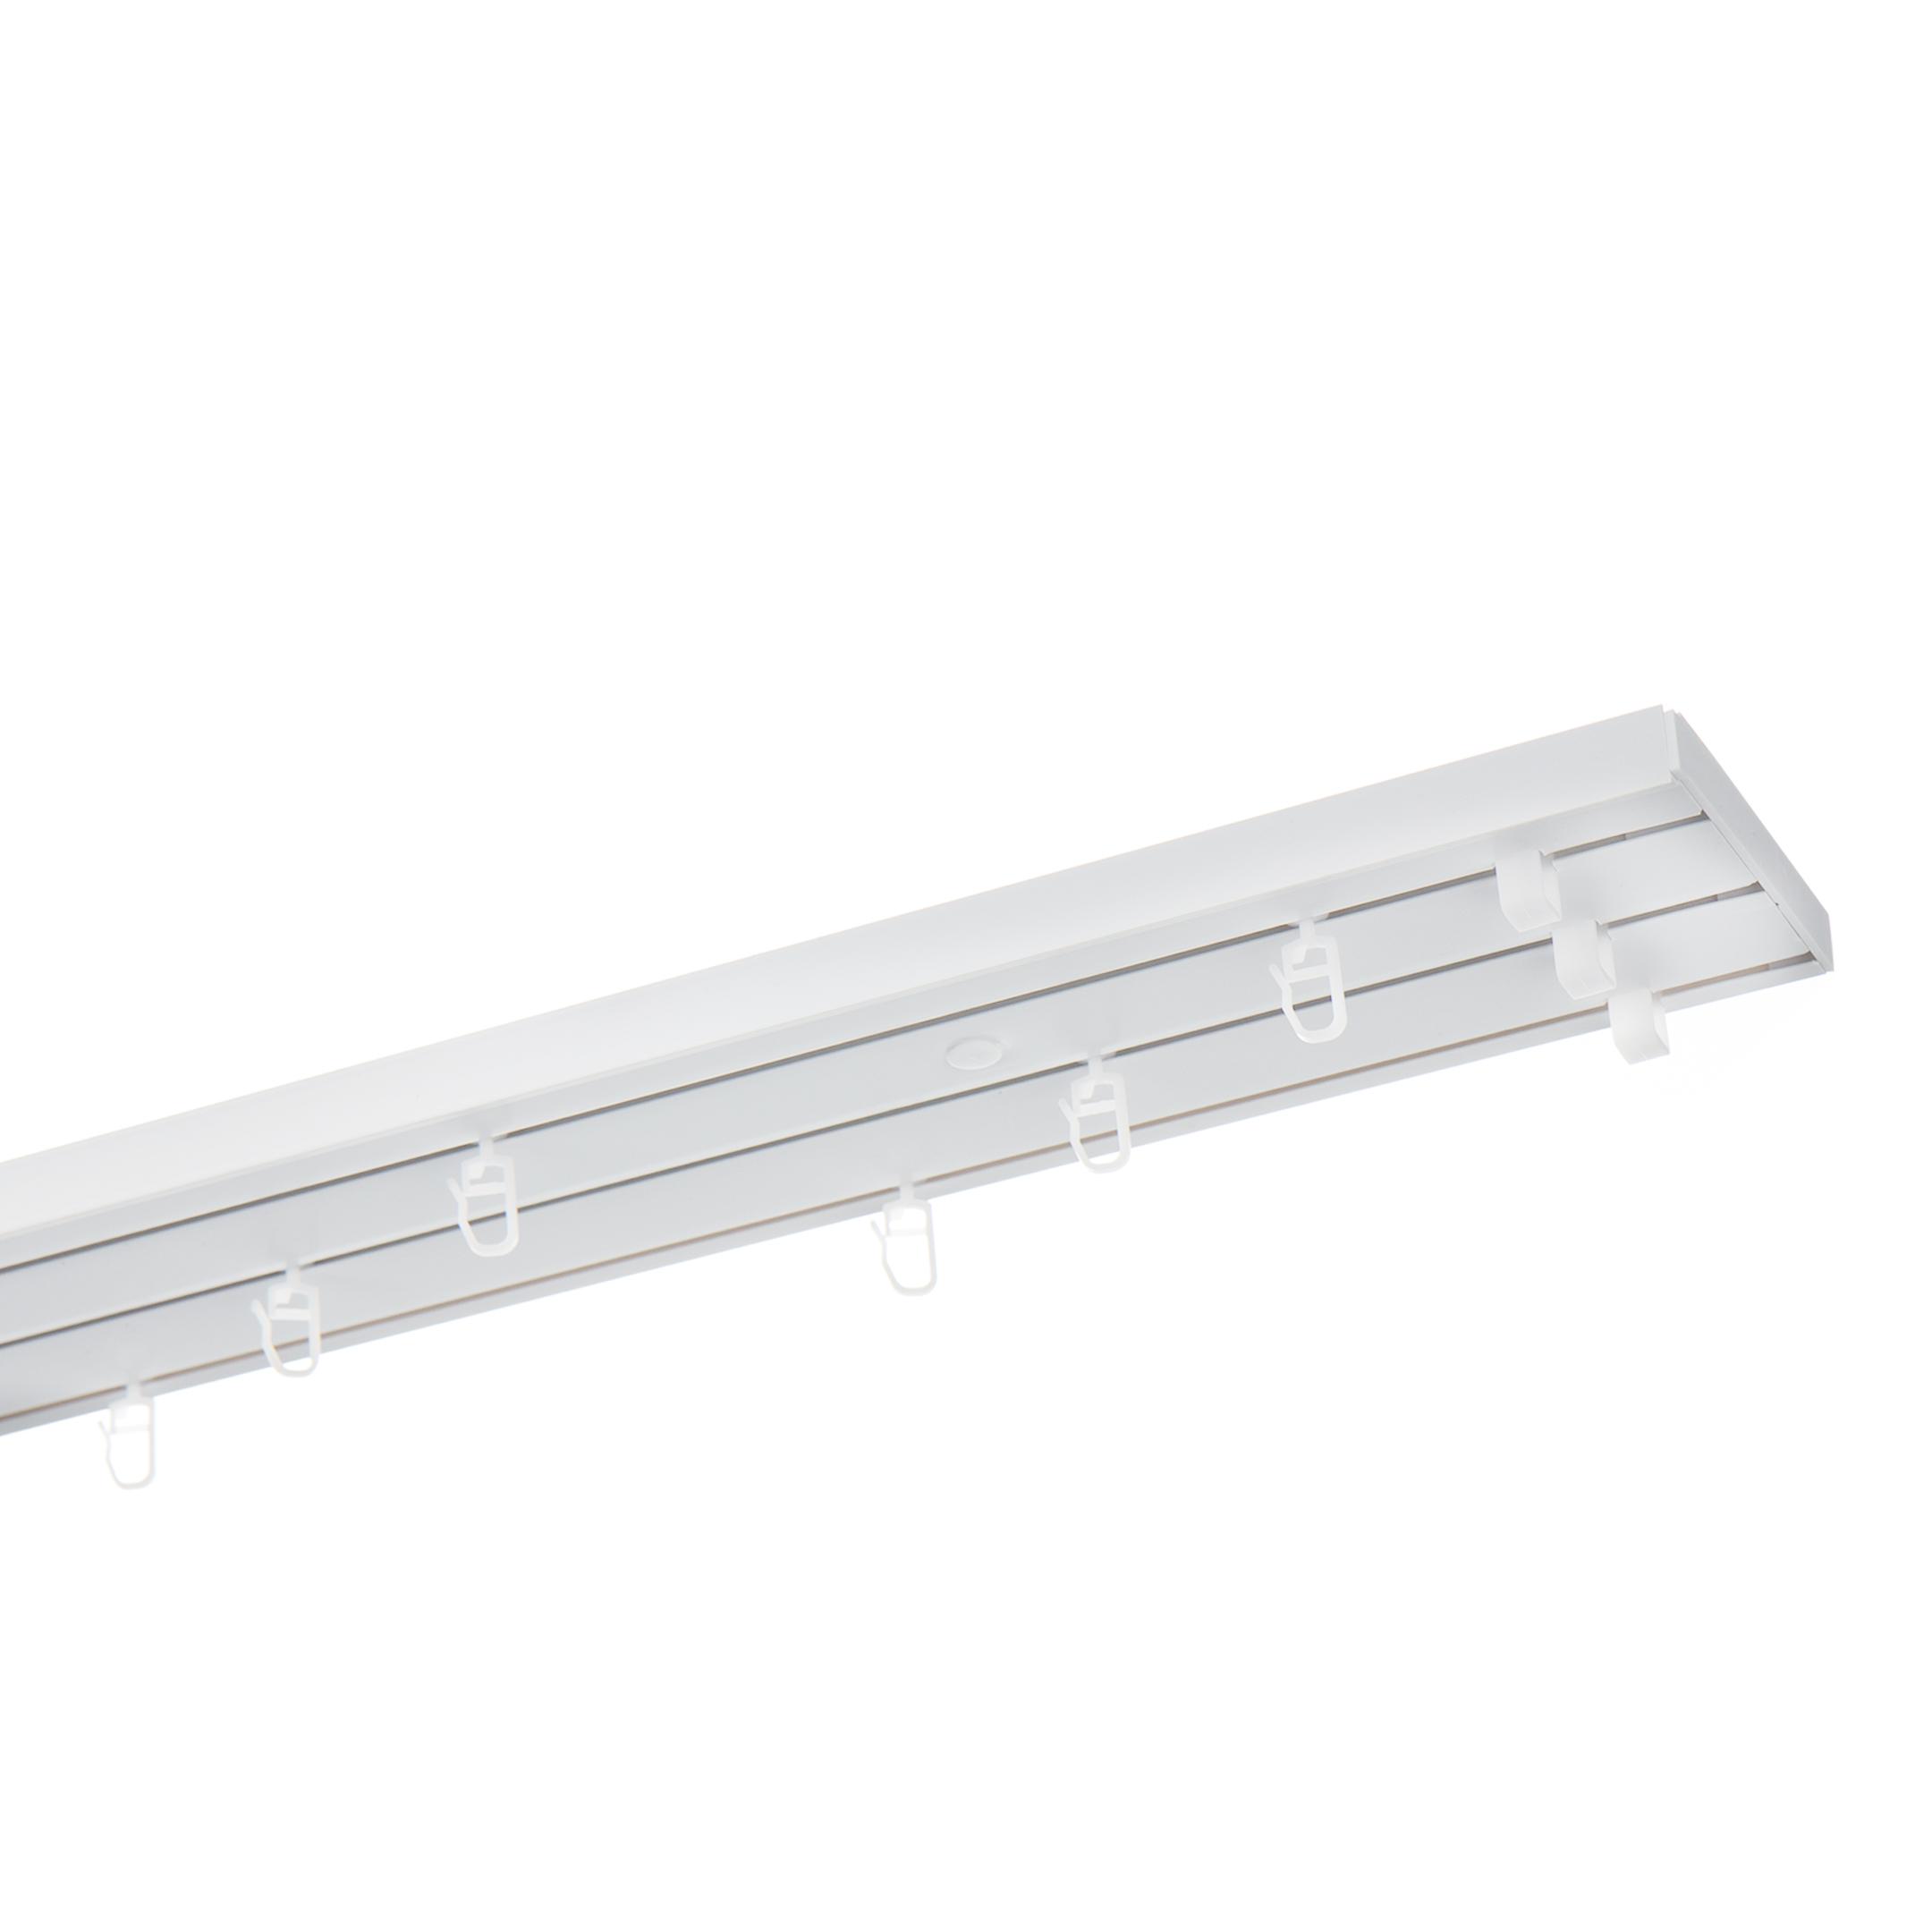 Фото - Карниз потолочный пластмассовый трехрядный 250 см белый карниз потолочный пластиковый dda поворот греция трехрядный краке 3 6